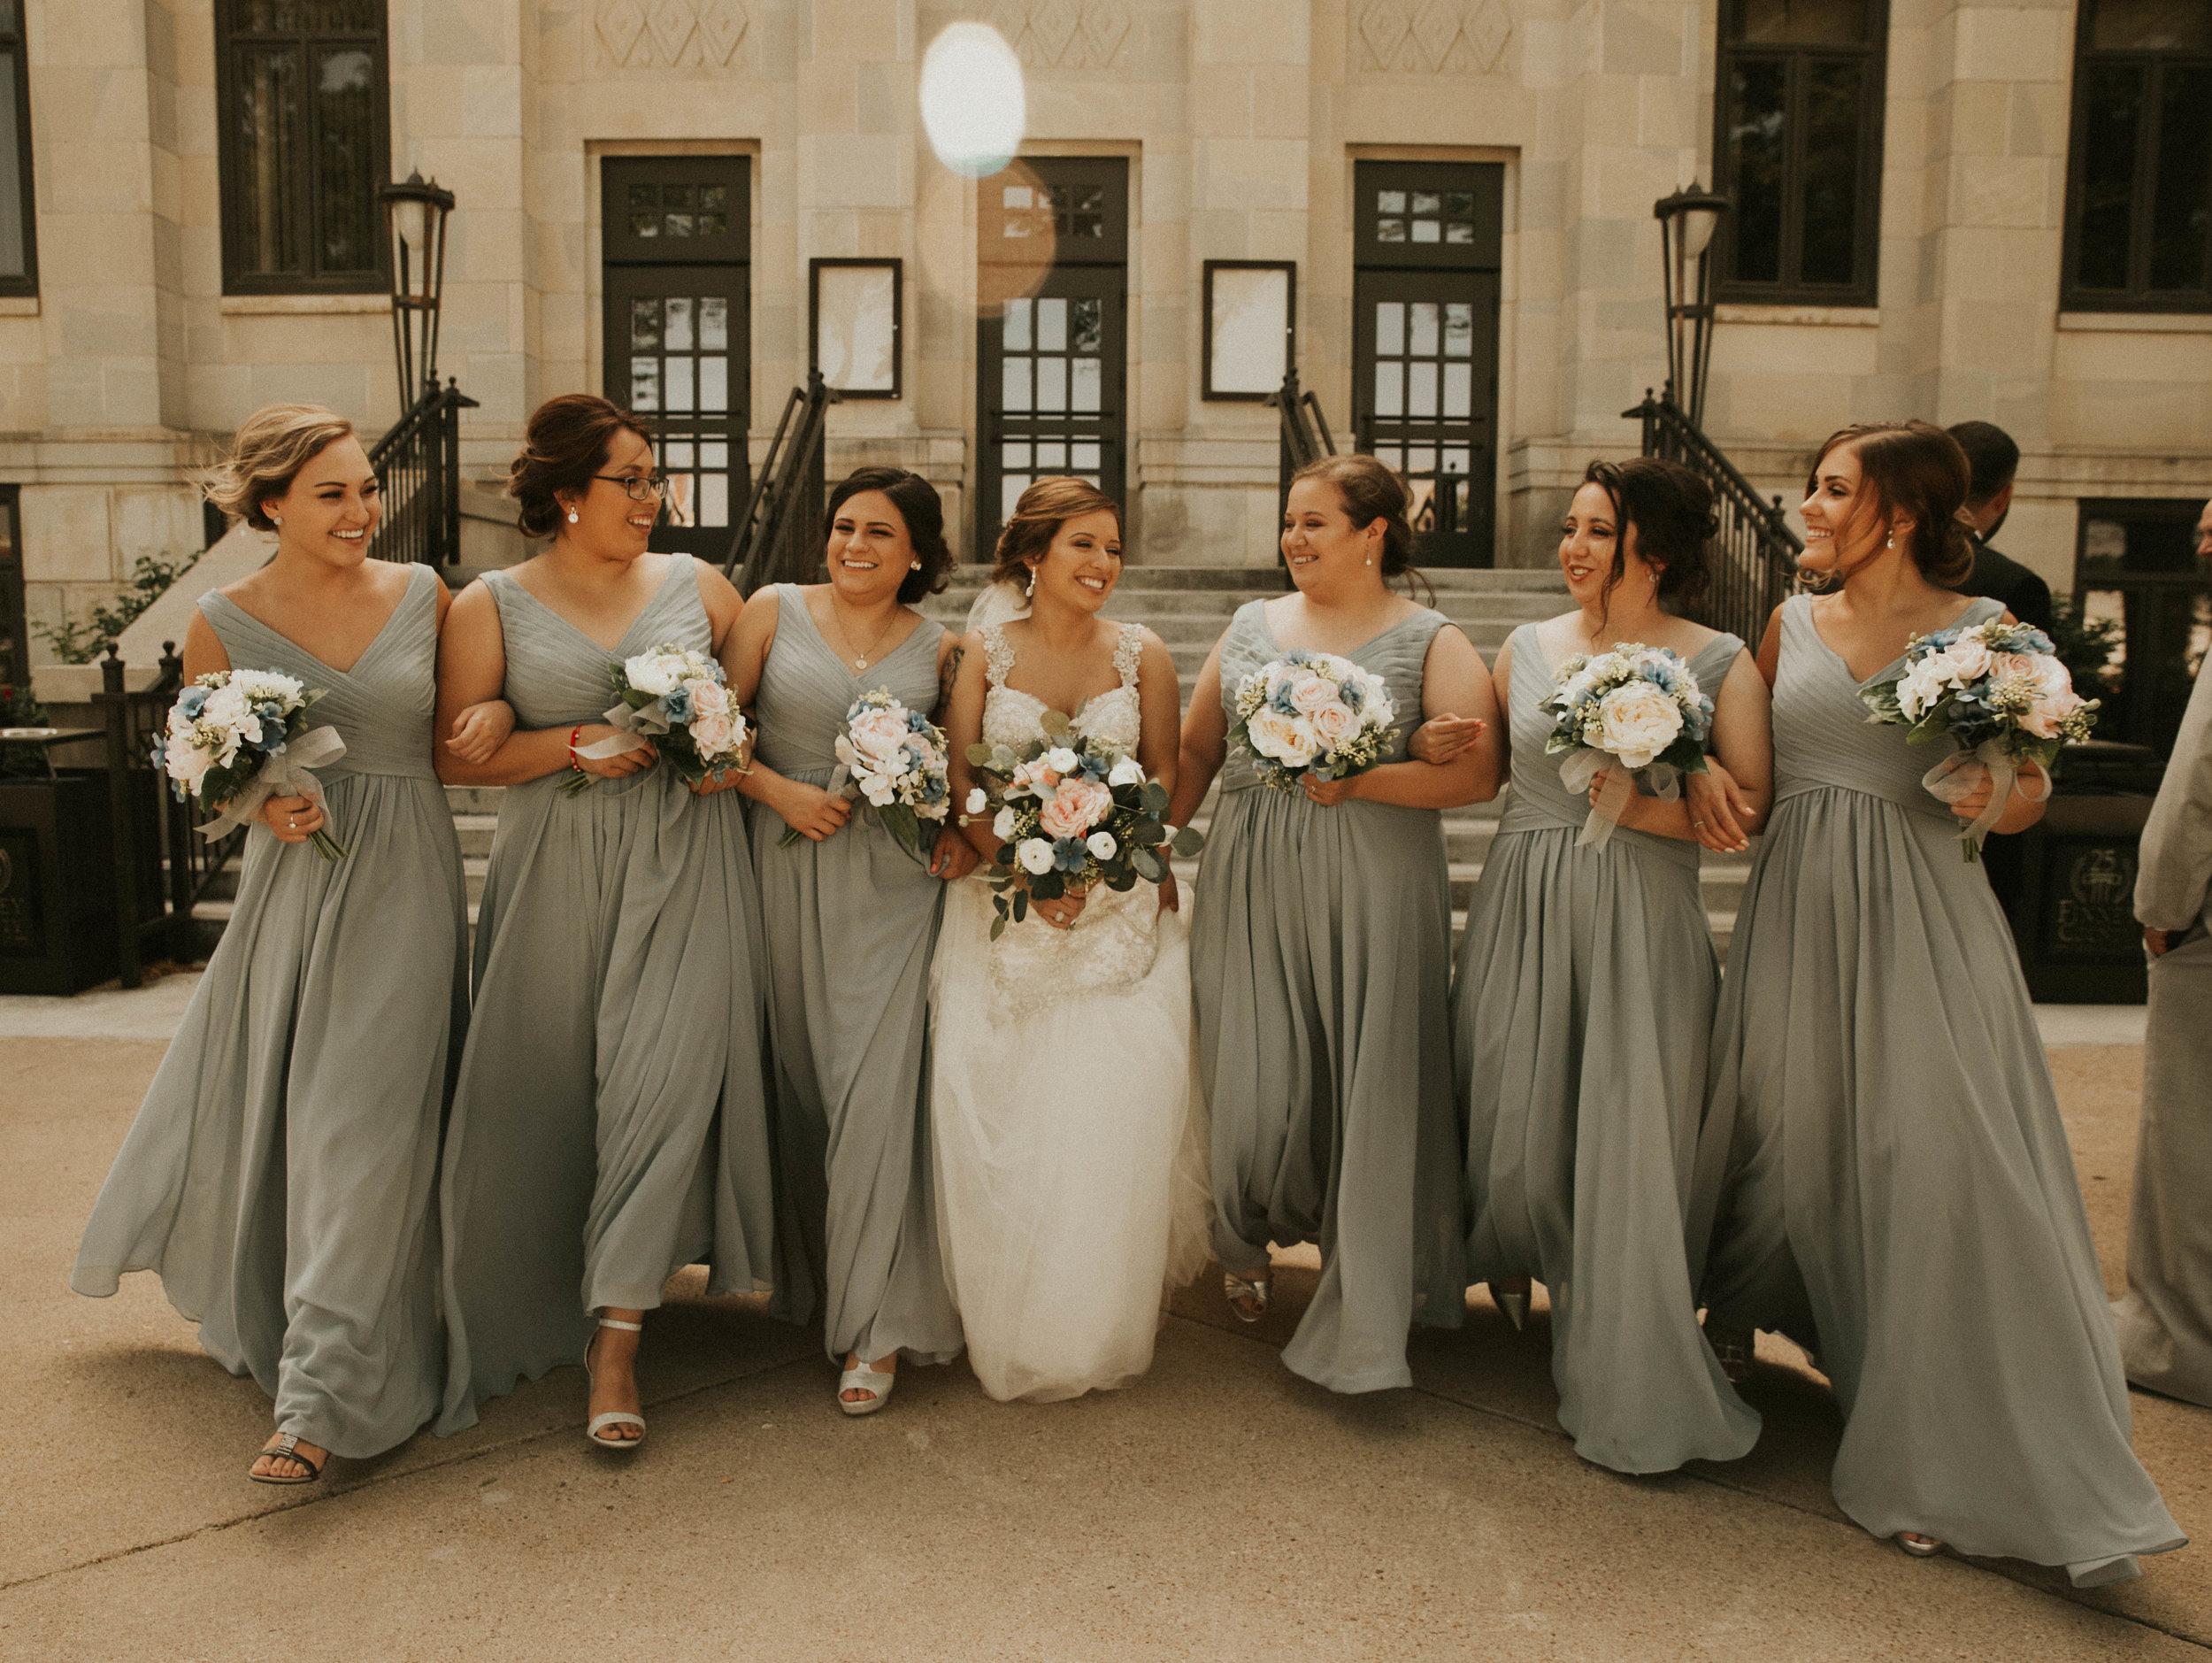 Bella Bridesmaids Leawood KS